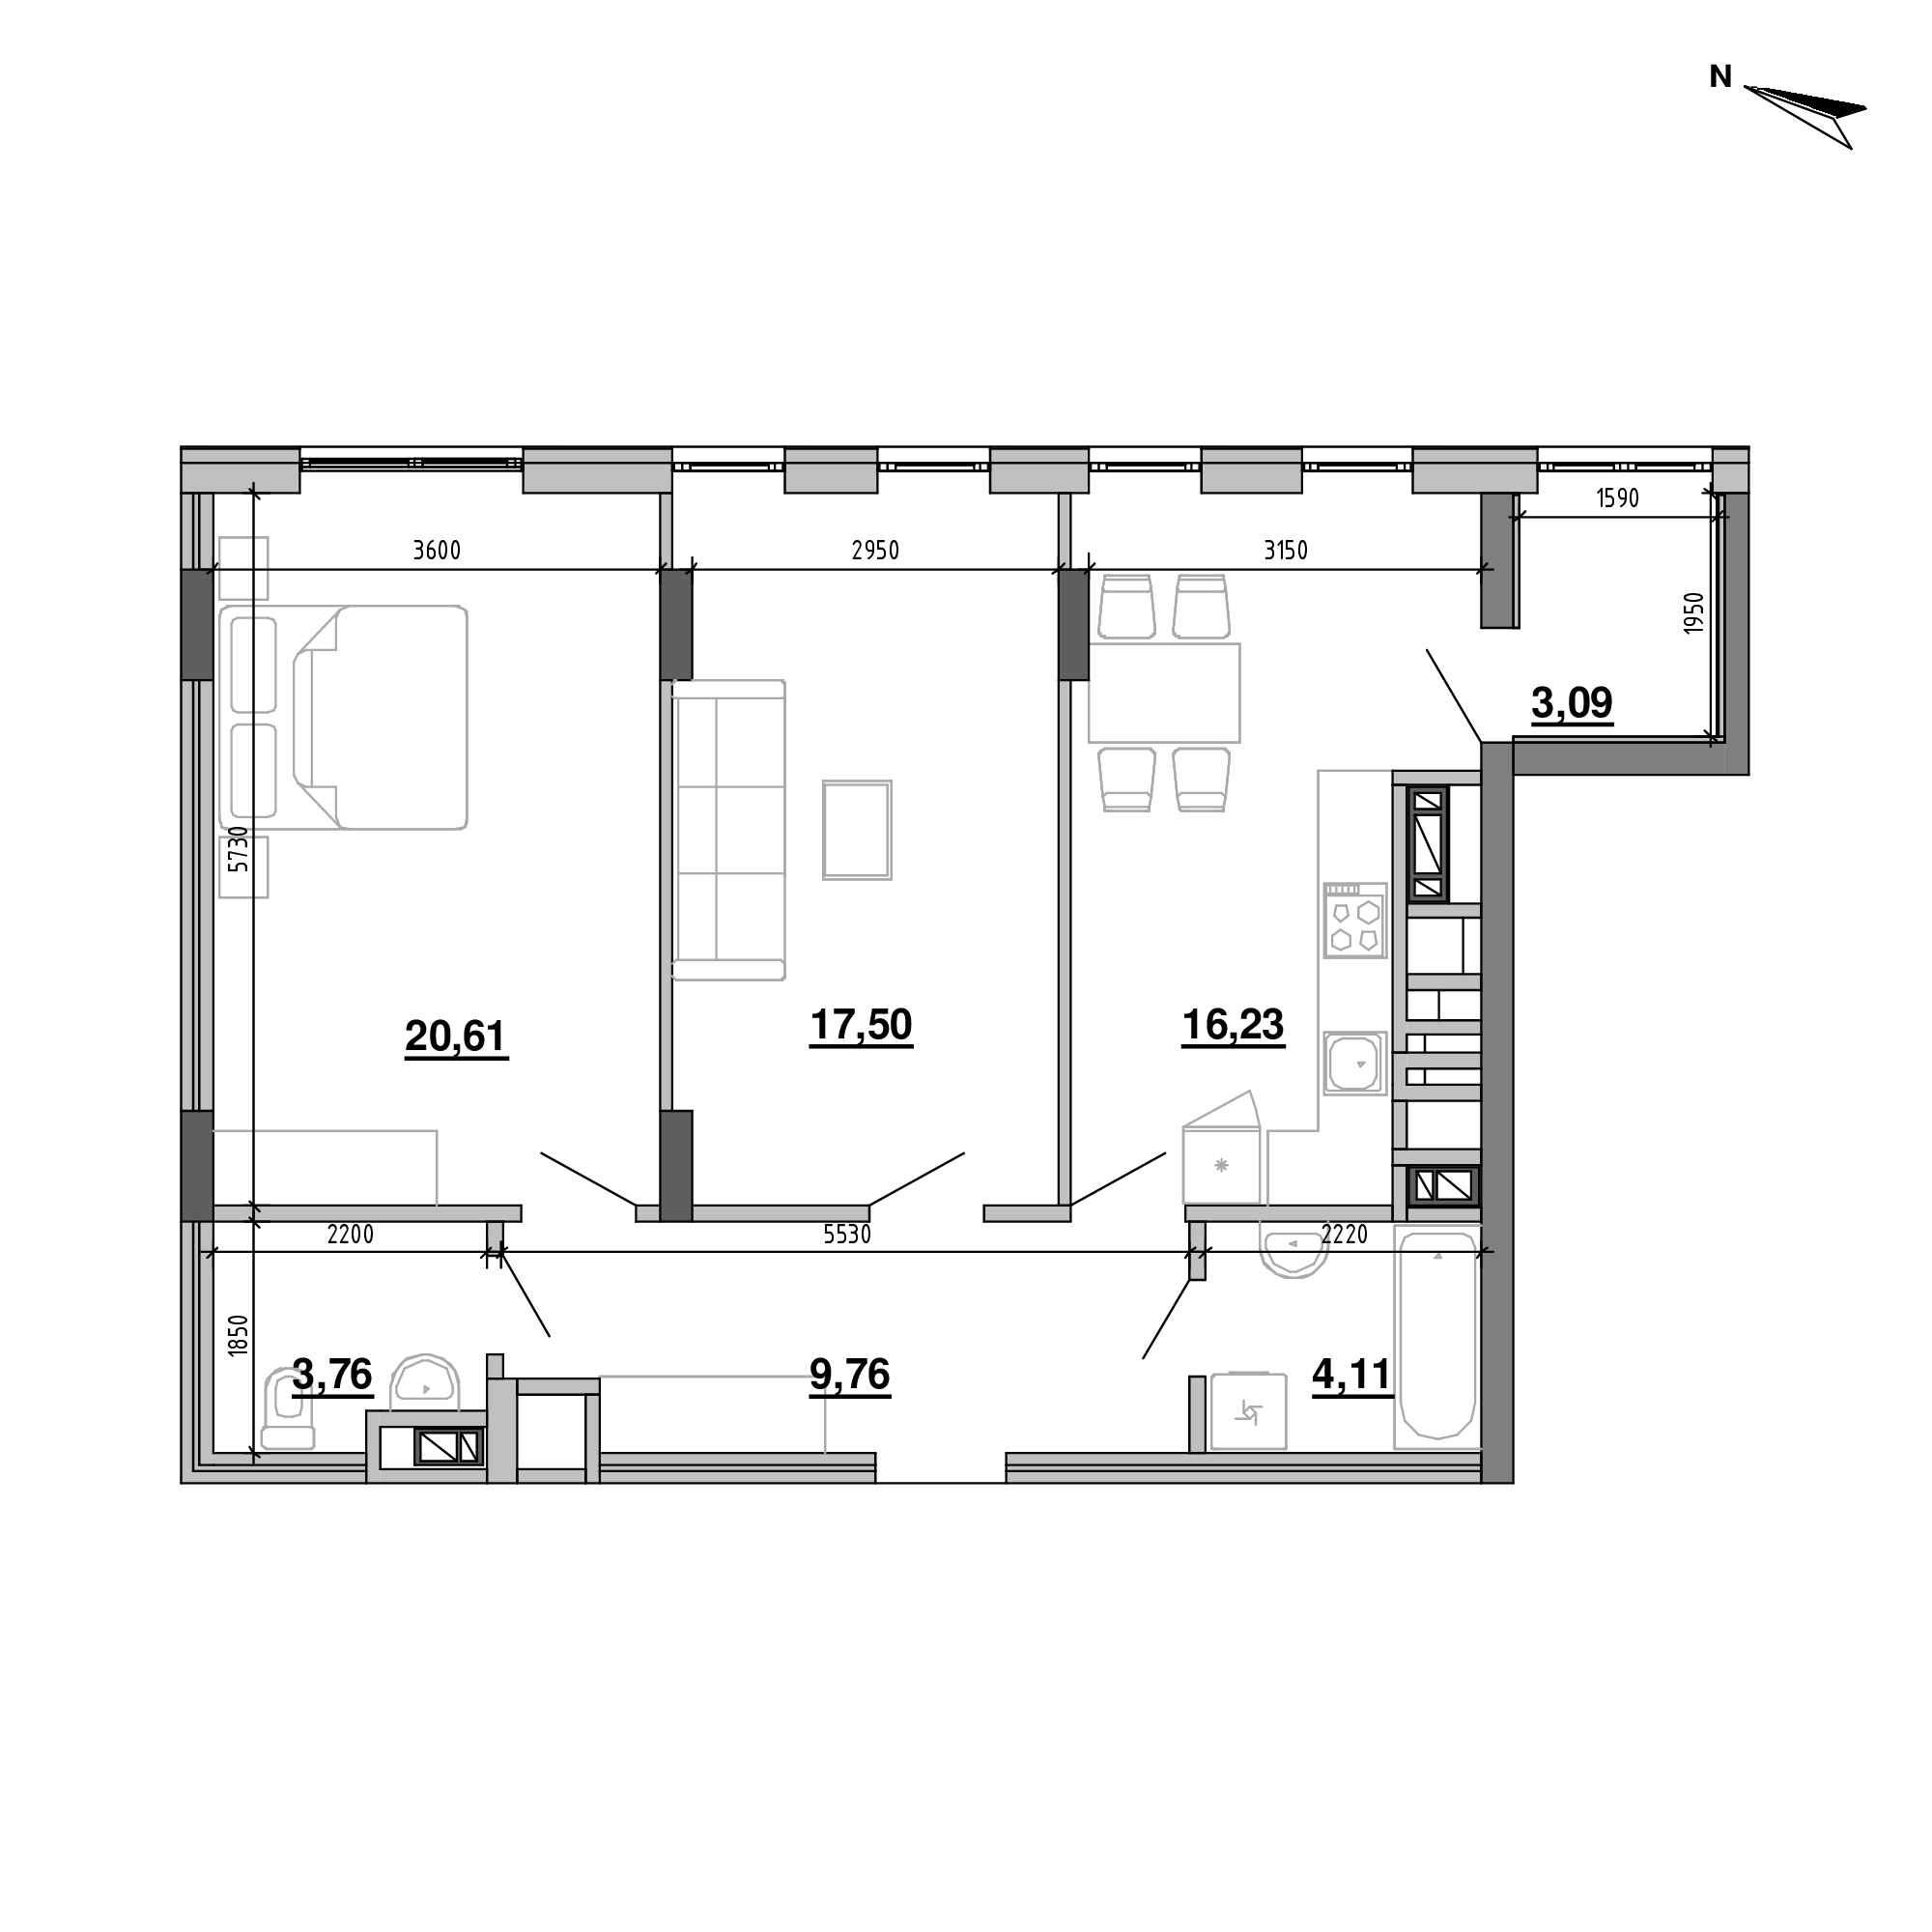 ЖК Підзамче. Брама: планування 2-кімнатної квартири, №30, 75.06 м<sup>2</sup>